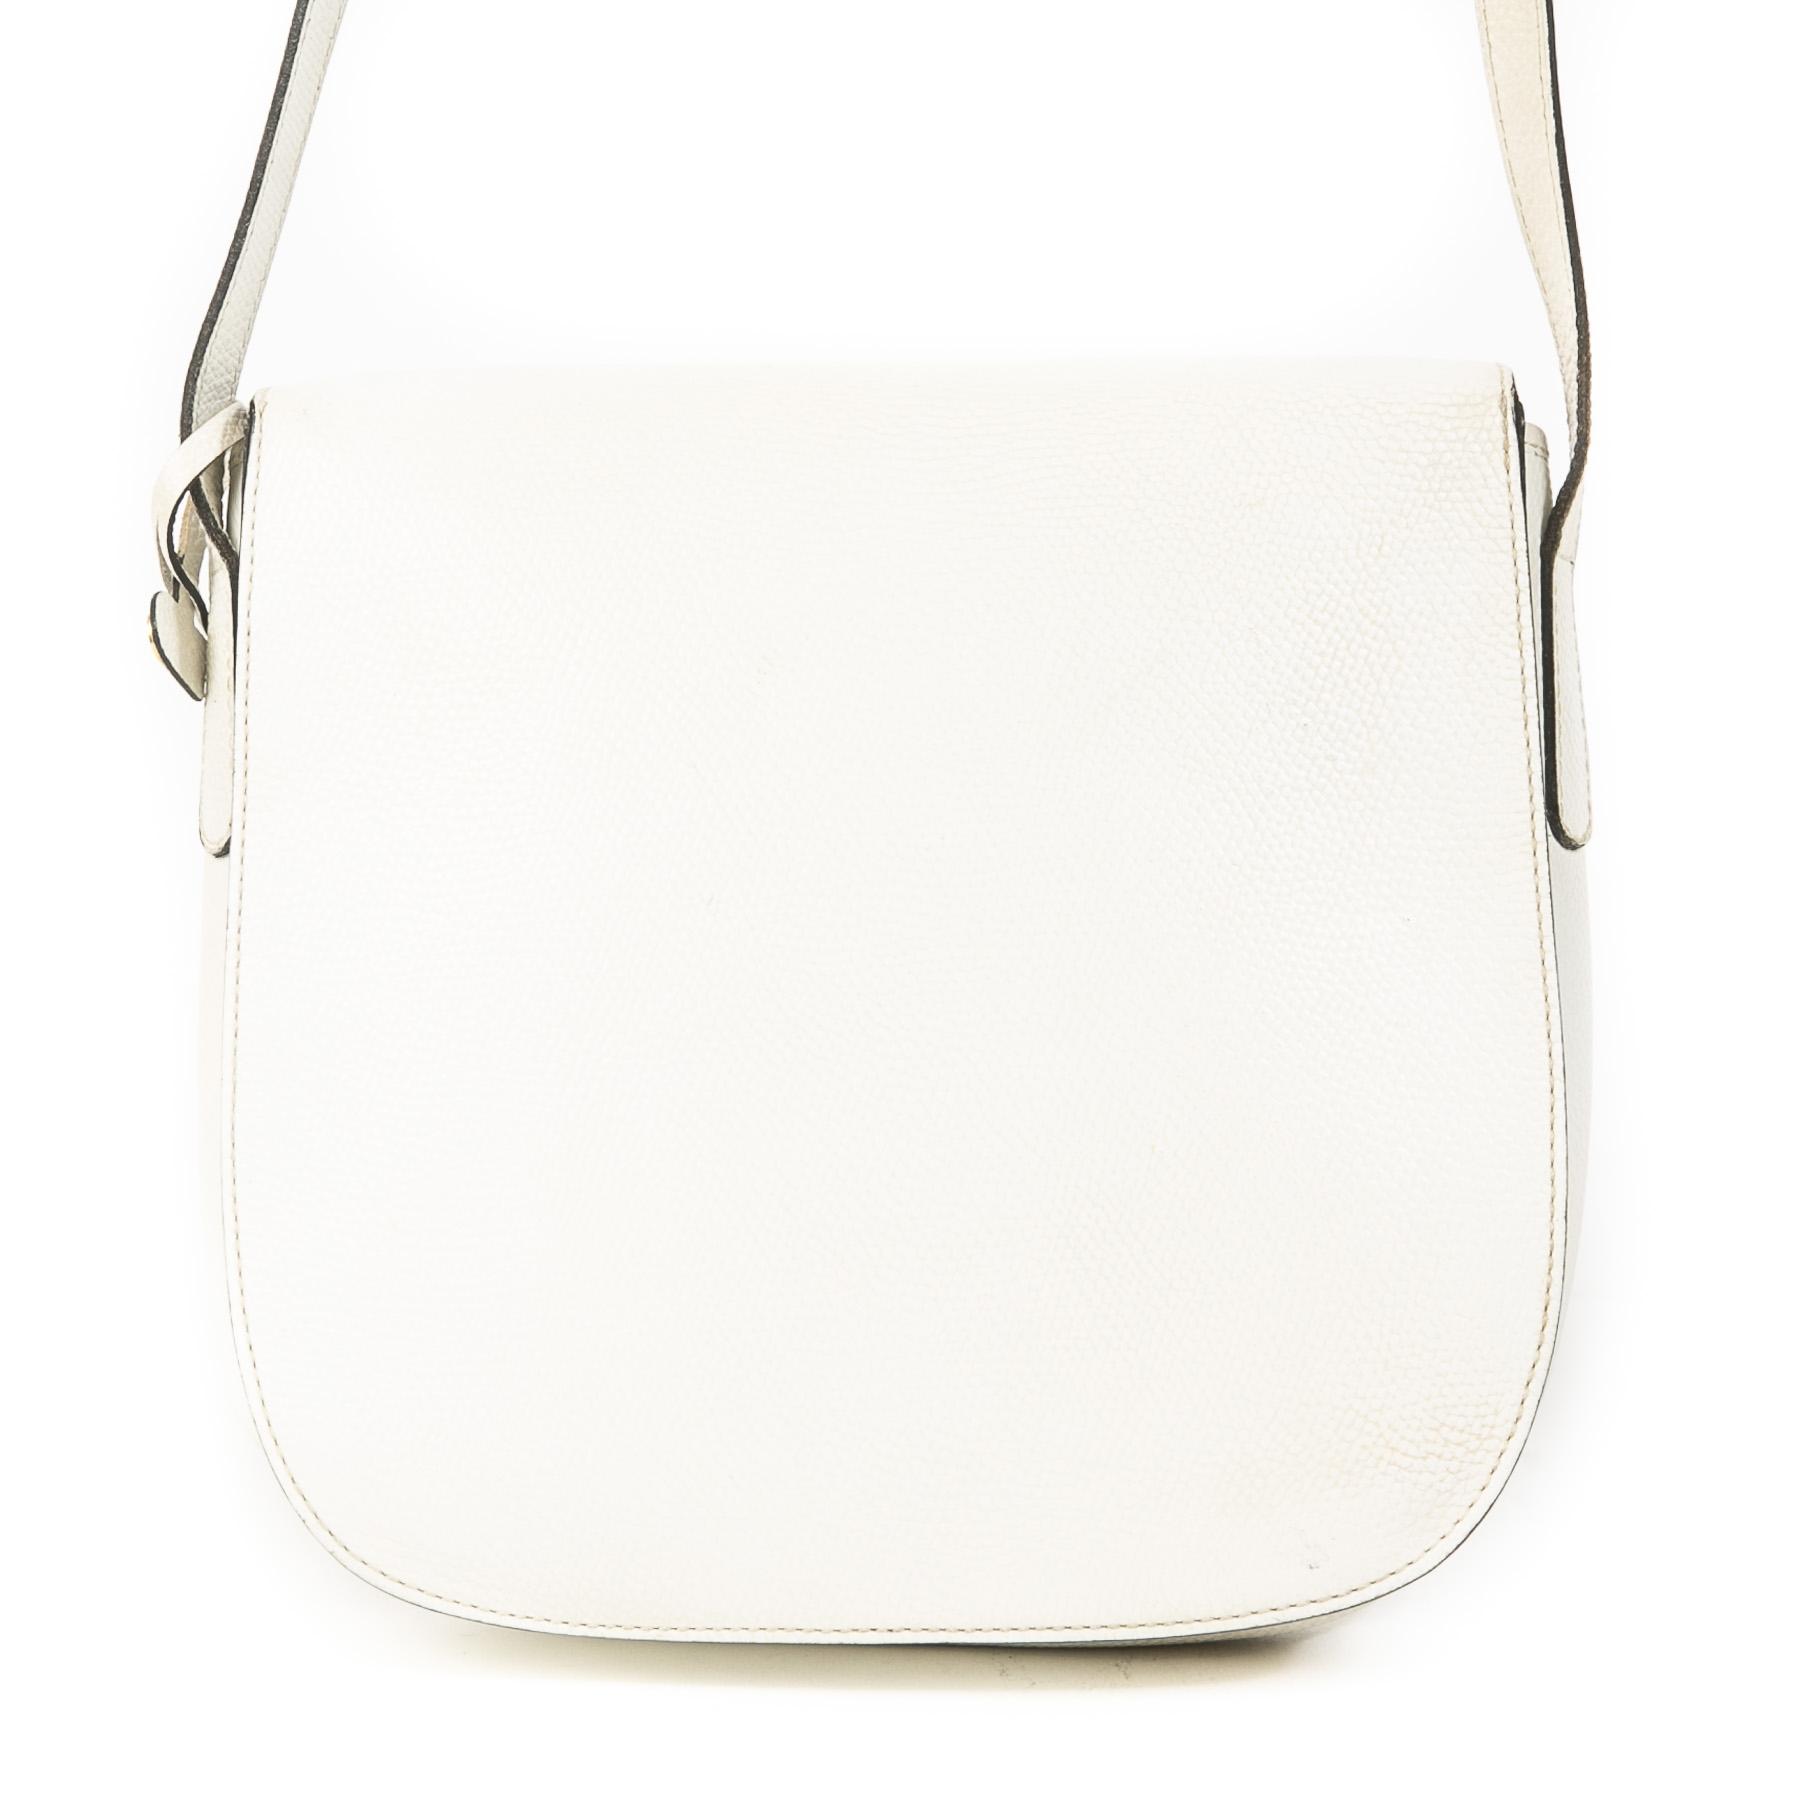 Authentieke Tweedehands Delvaux White Leather Gold D Crossbody Bag juiste prijs veilig online shoppen luxe merken webshop winkelen Antwerpen België mode fashion